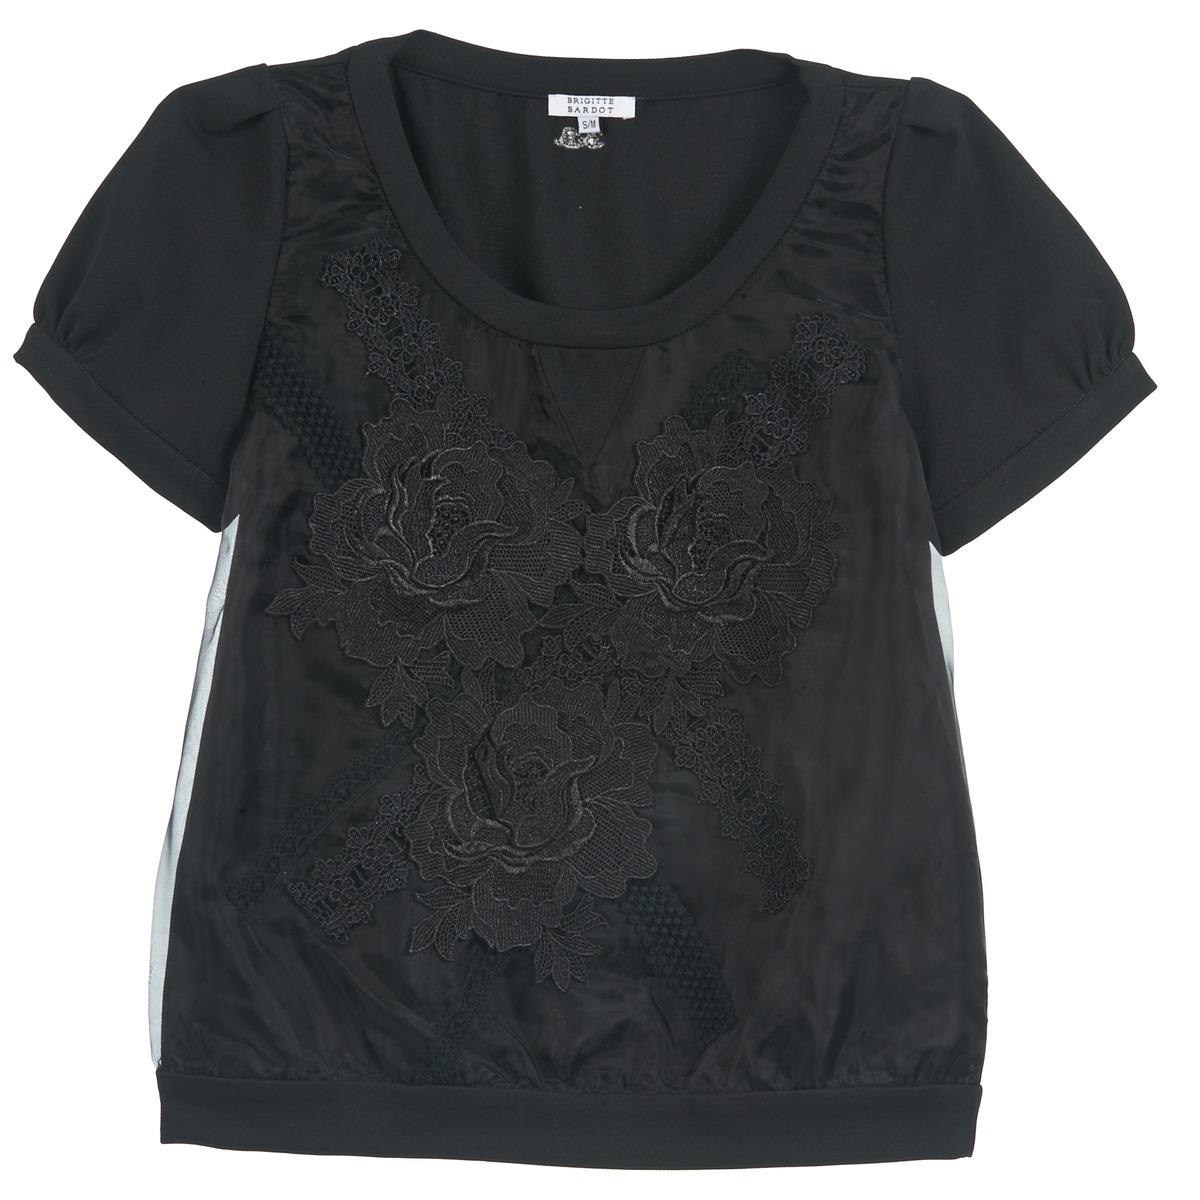 brigitte bardot bb44160 noir livraison gratuite avec v tements blouses femme. Black Bedroom Furniture Sets. Home Design Ideas